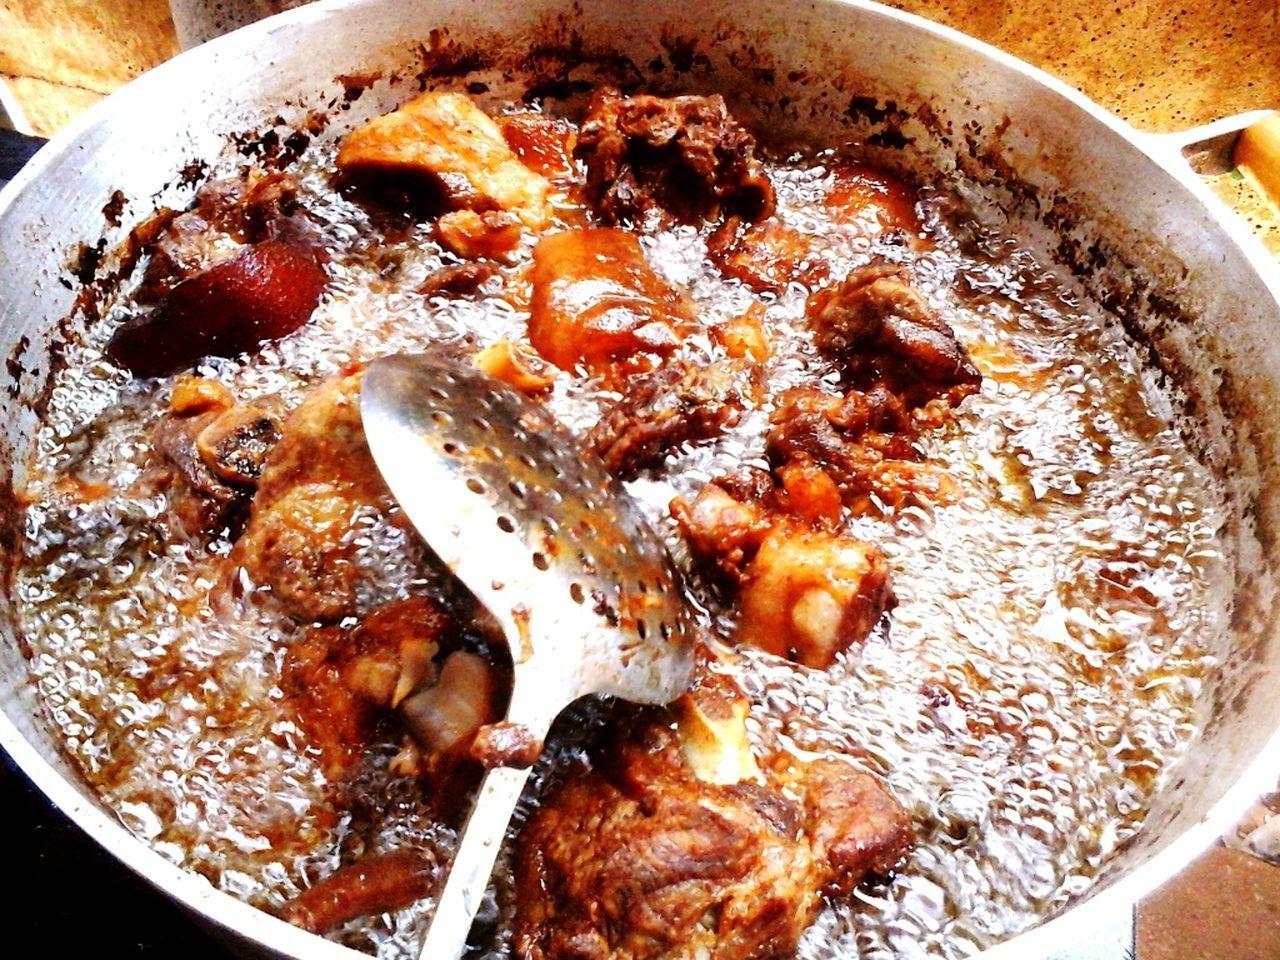 Comida Brasileira Brasilian Foods Brazil Pig Porco Comida Brasileira